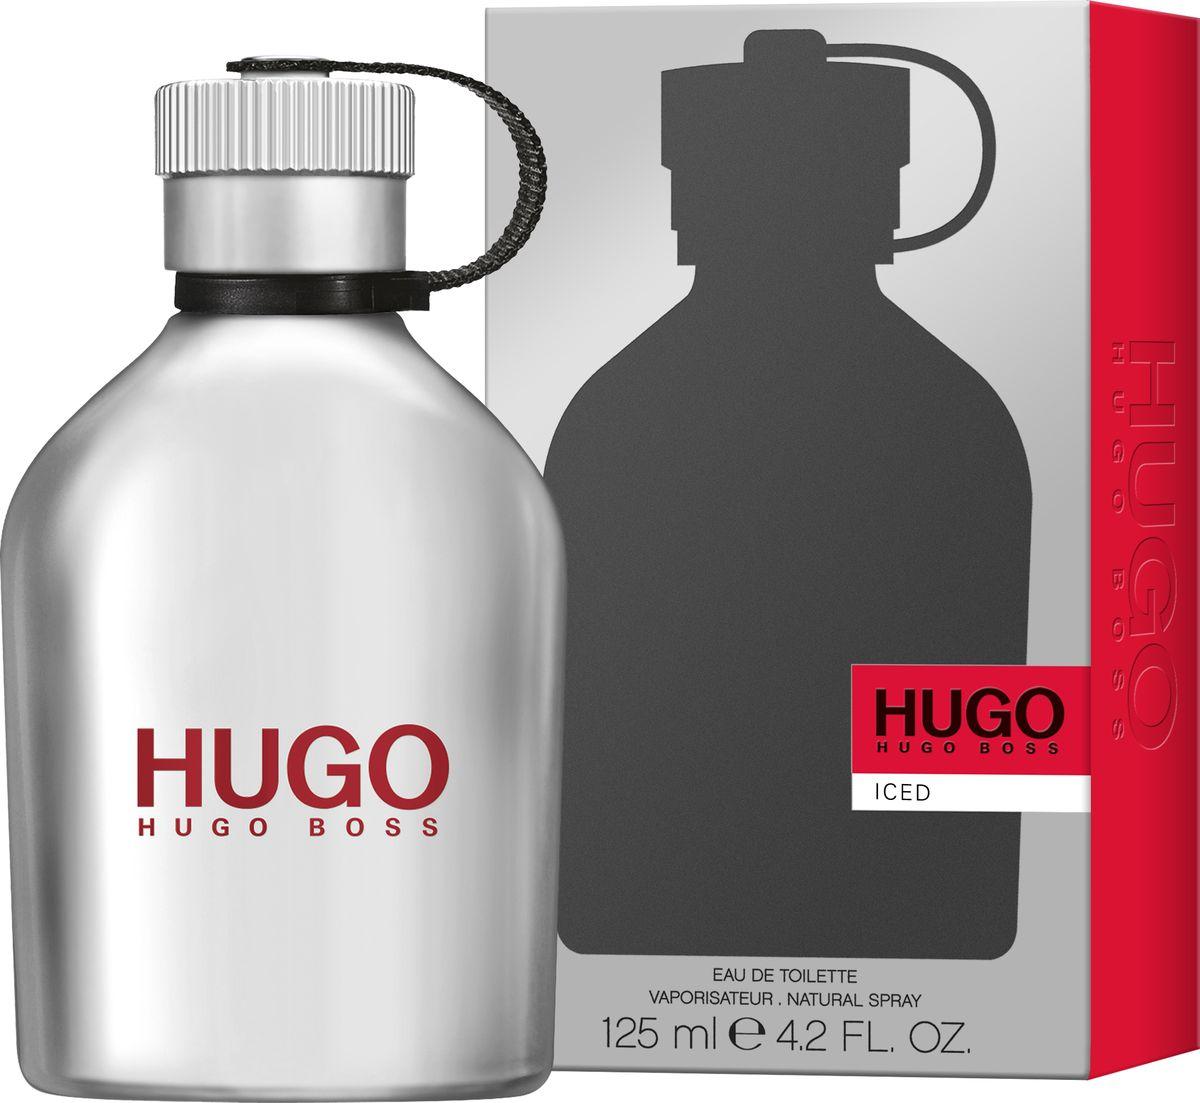 Hugo Boss Hugo Iced Туалетная вода 125 мл1092018Hugo Iced – новый аромат, заряжающий энергией. Для тех, кто не боится следовать за своей мечтой. Он идеально передает смелый и дерзкий характер HUGO, а металлический леденящий флакон в форме фляги отражает бодрящие и свежие нотки композиции. Верхняя нота ледяной мяты пробуждает и дарит энергию на весь день. В сердце аромата звучат придающие уверенность ноты чайного дерева в сочетании с можжевельником и горьким апельсином. Ветивер в базовых нотах делает аромат мужественным и насыщенным, наполняет решительностью и поднимает настроение.